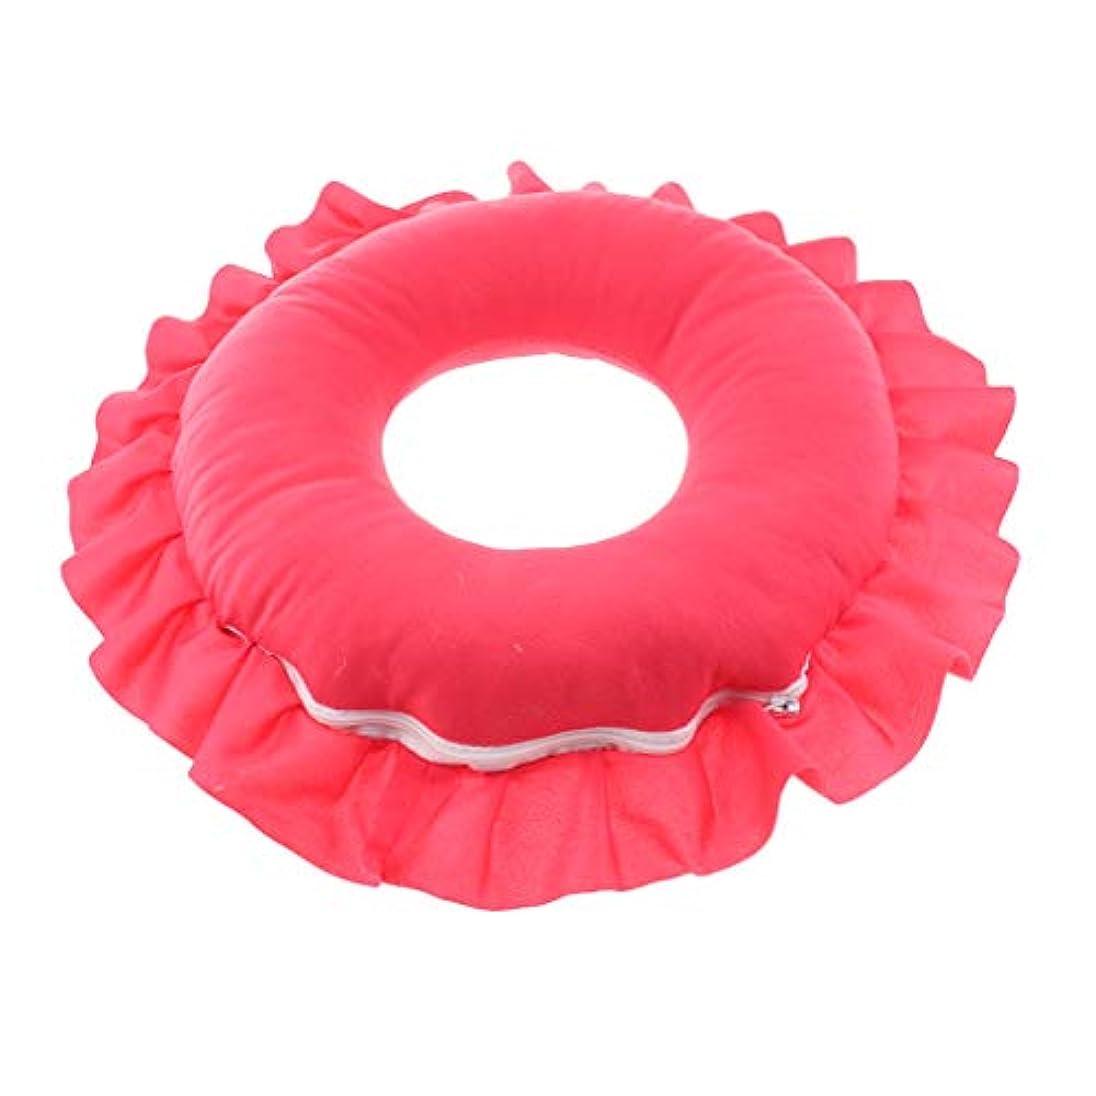 相対的スクリューラック全4色 洗えるピロー フェイスピロー 顔枕 マッサージベッド 美容院 ソフト 軽量 快適 - 赤